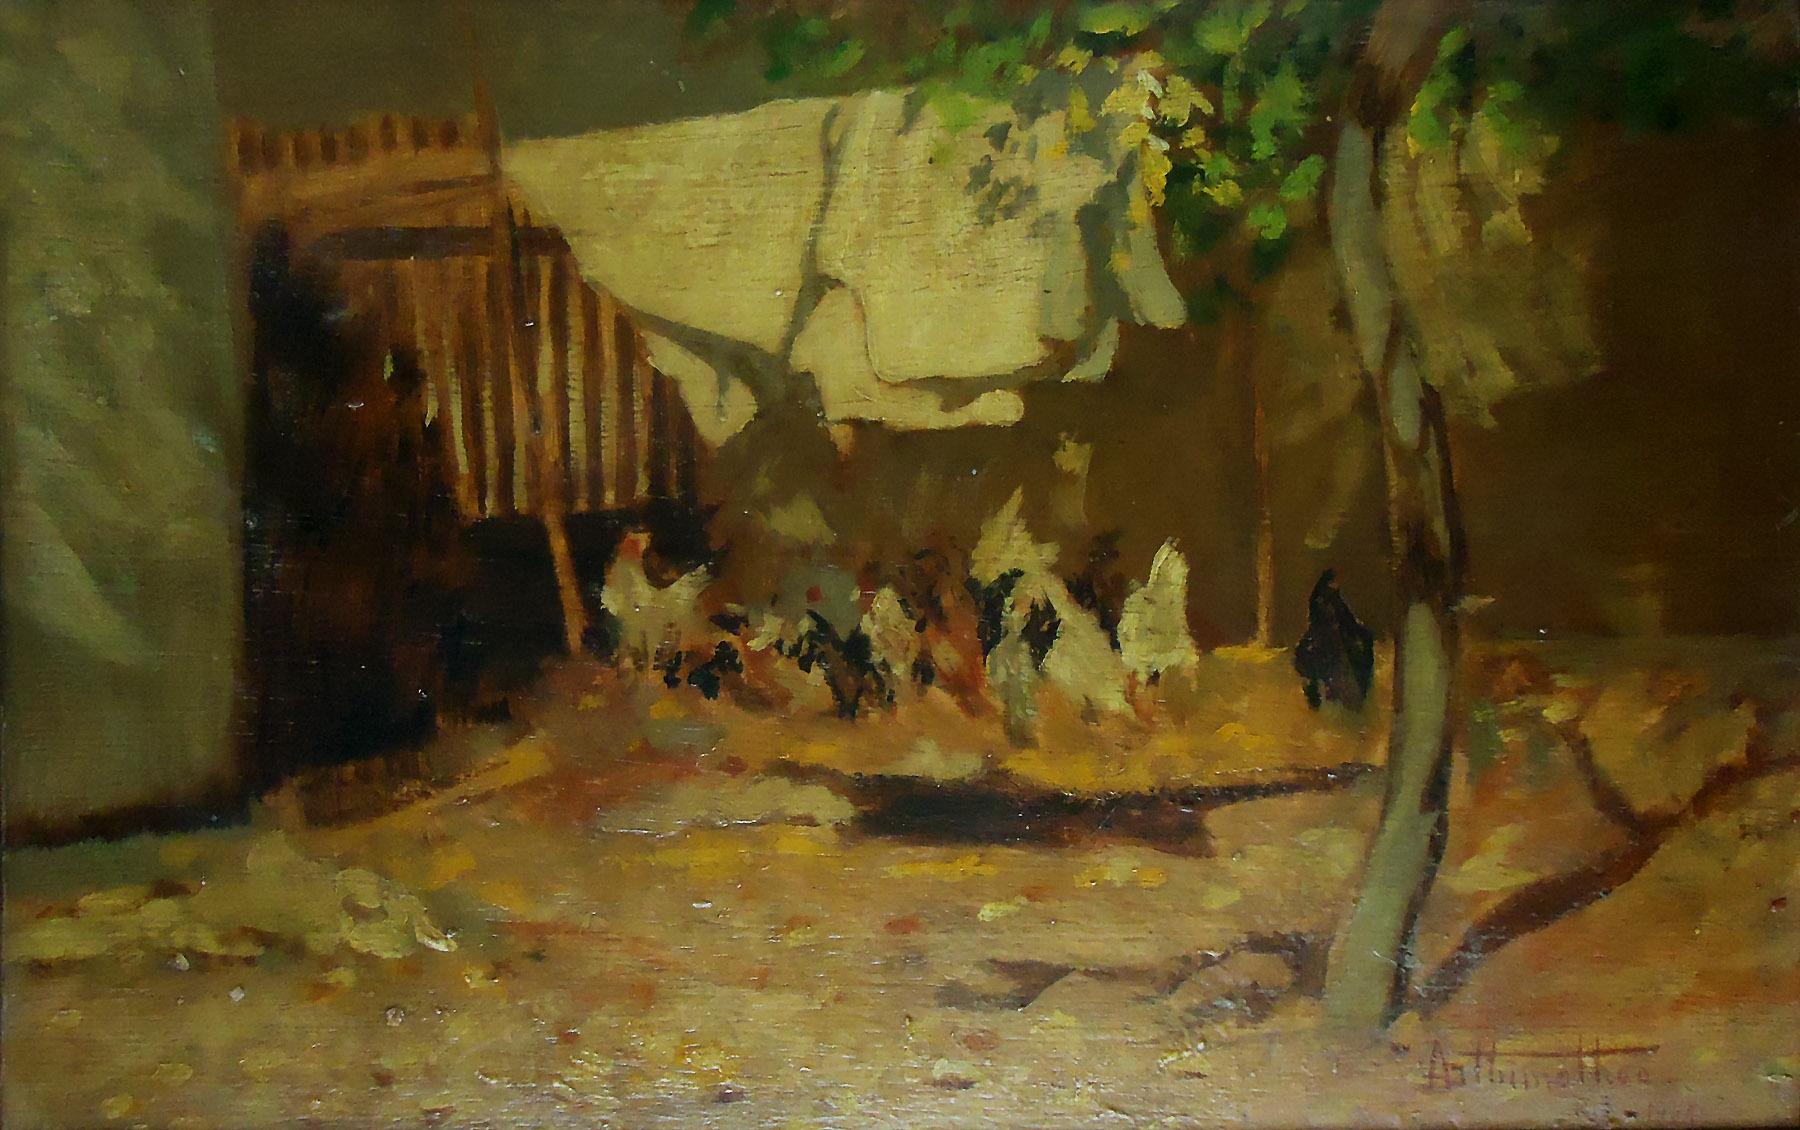 no varal óleo sobre madeira Rio de Janeiro 1921 22 x 35 cm Photo #664819 1800x1130